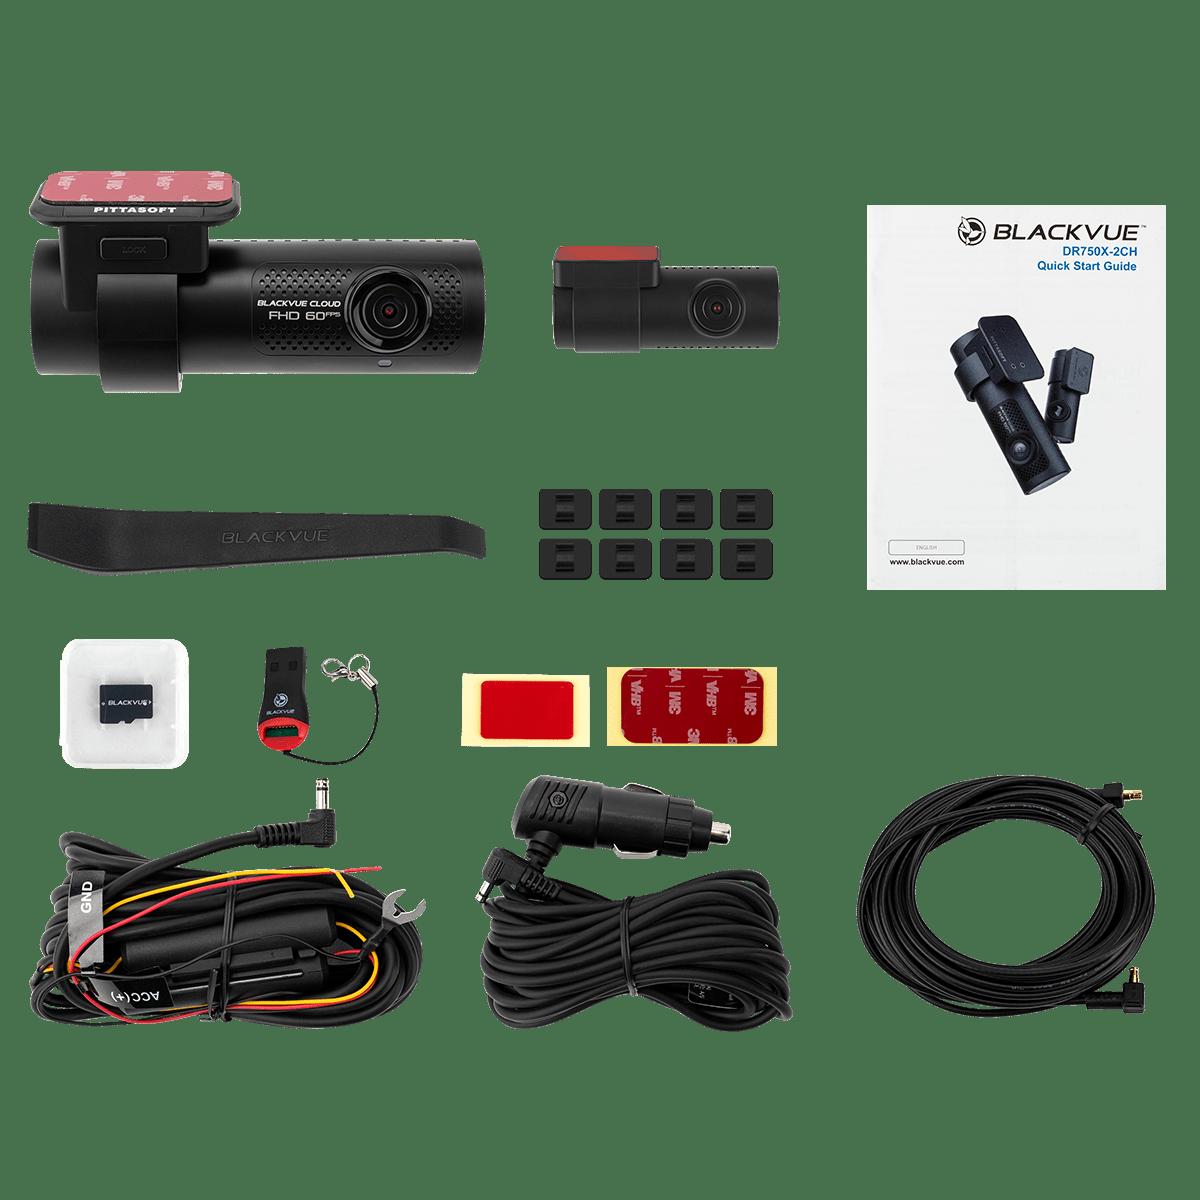 Blackvue DR750X 2 ch - Contenido paquete